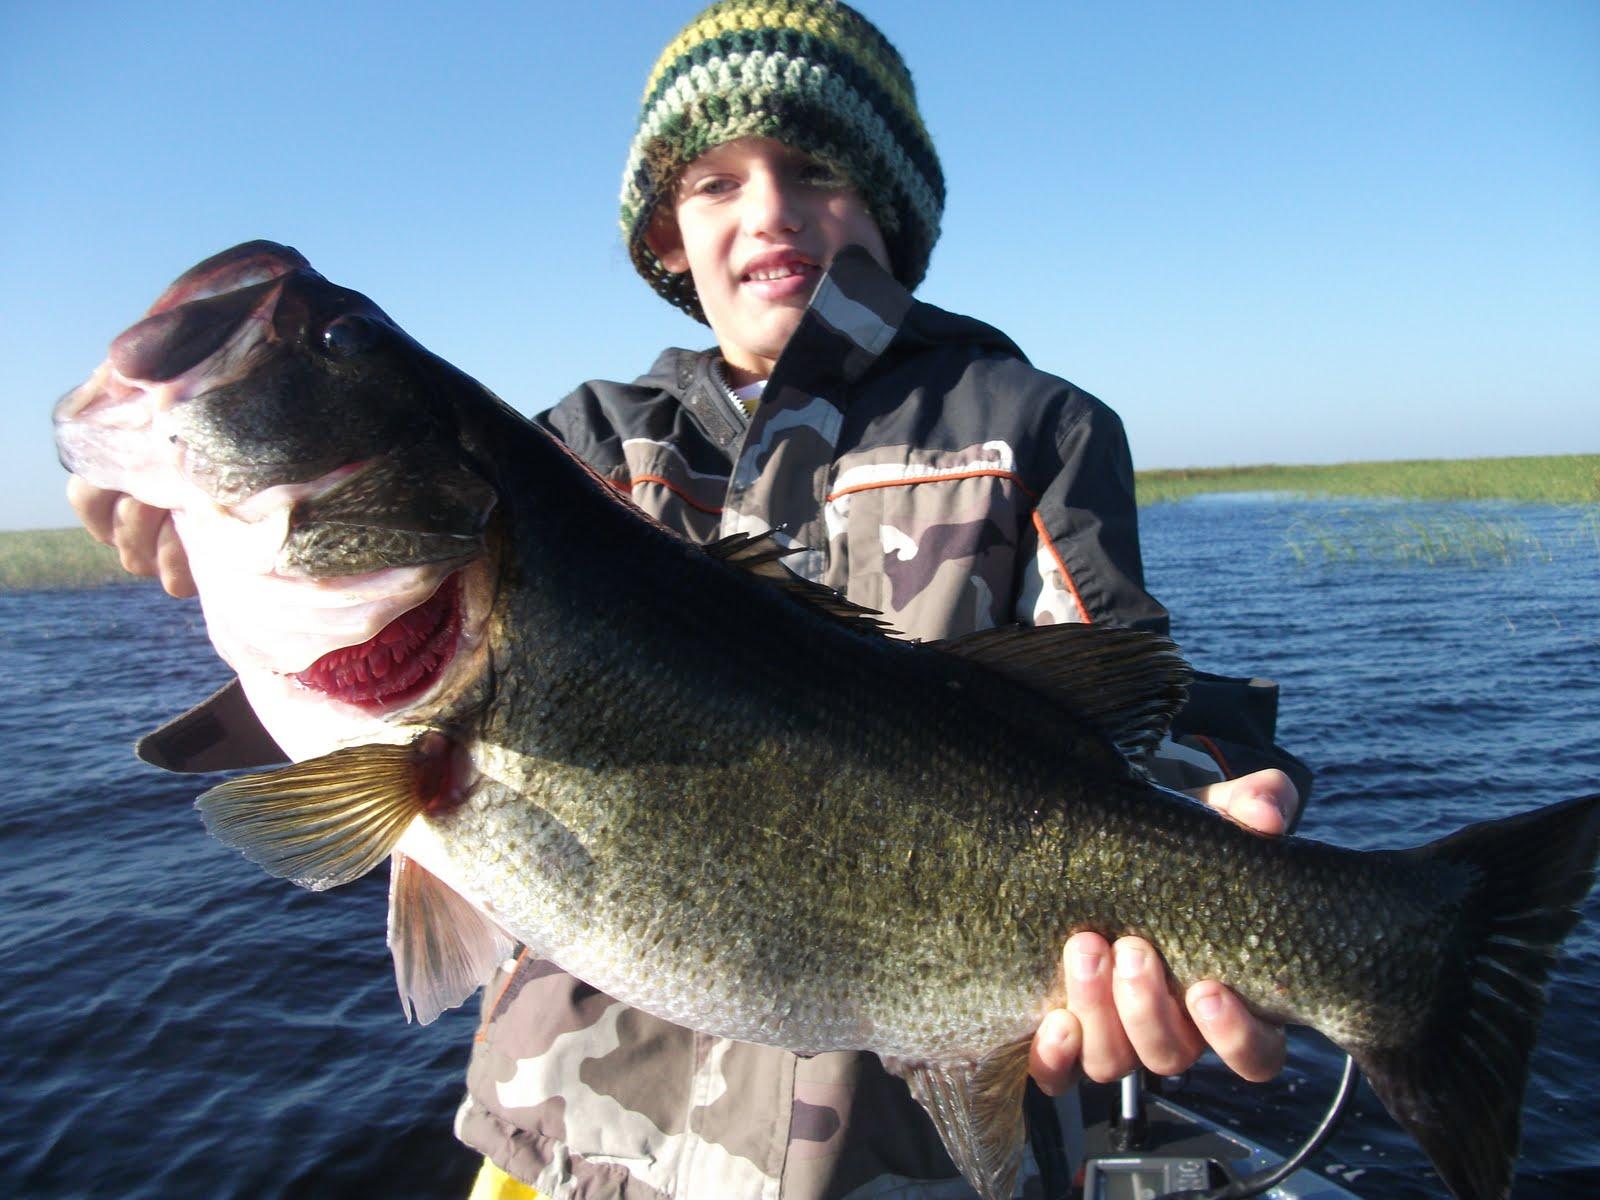 Okeechobee fishing report for okeechobee bass fishing for Big fish lake